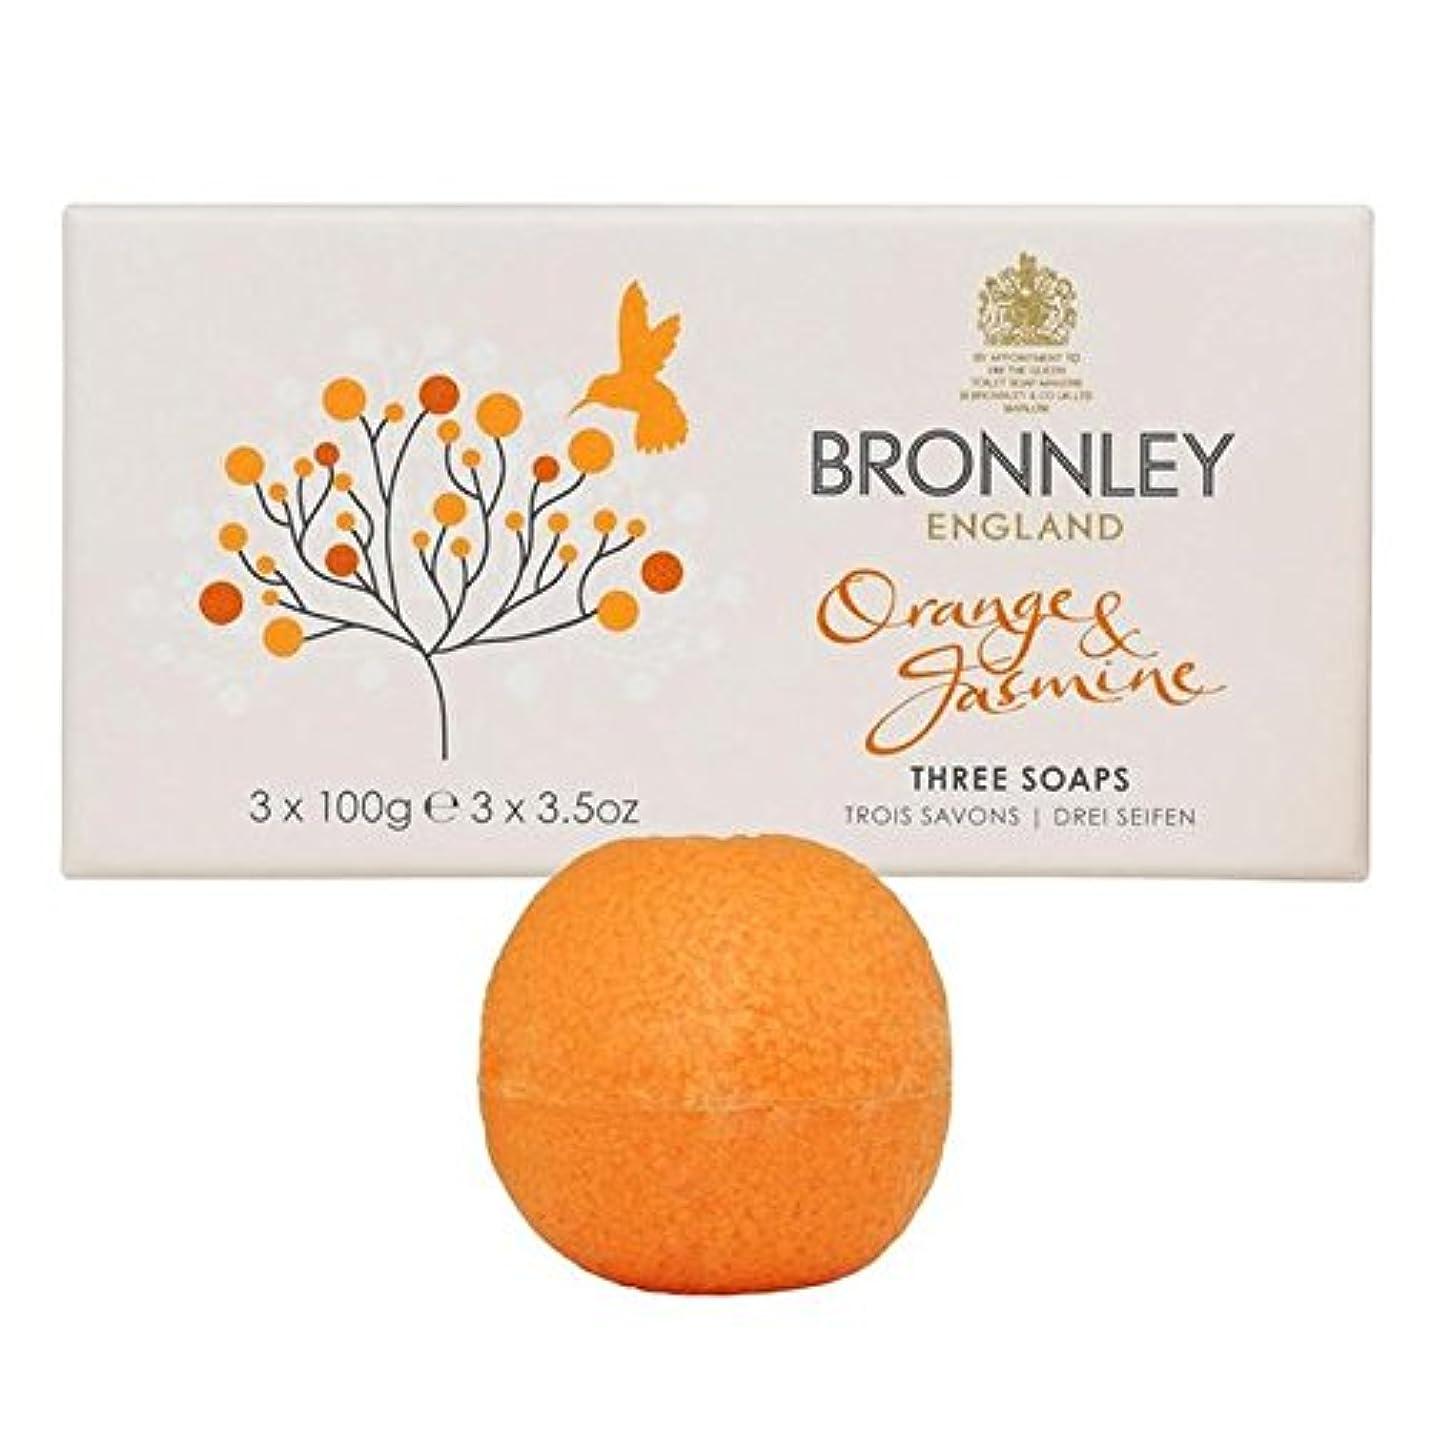 モニカ廃止男やもめオレンジ&ジャスミン石鹸3×100グラム x4 - Bronnley Orange & Jasmine Soaps 3 x 100g (Pack of 4) [並行輸入品]